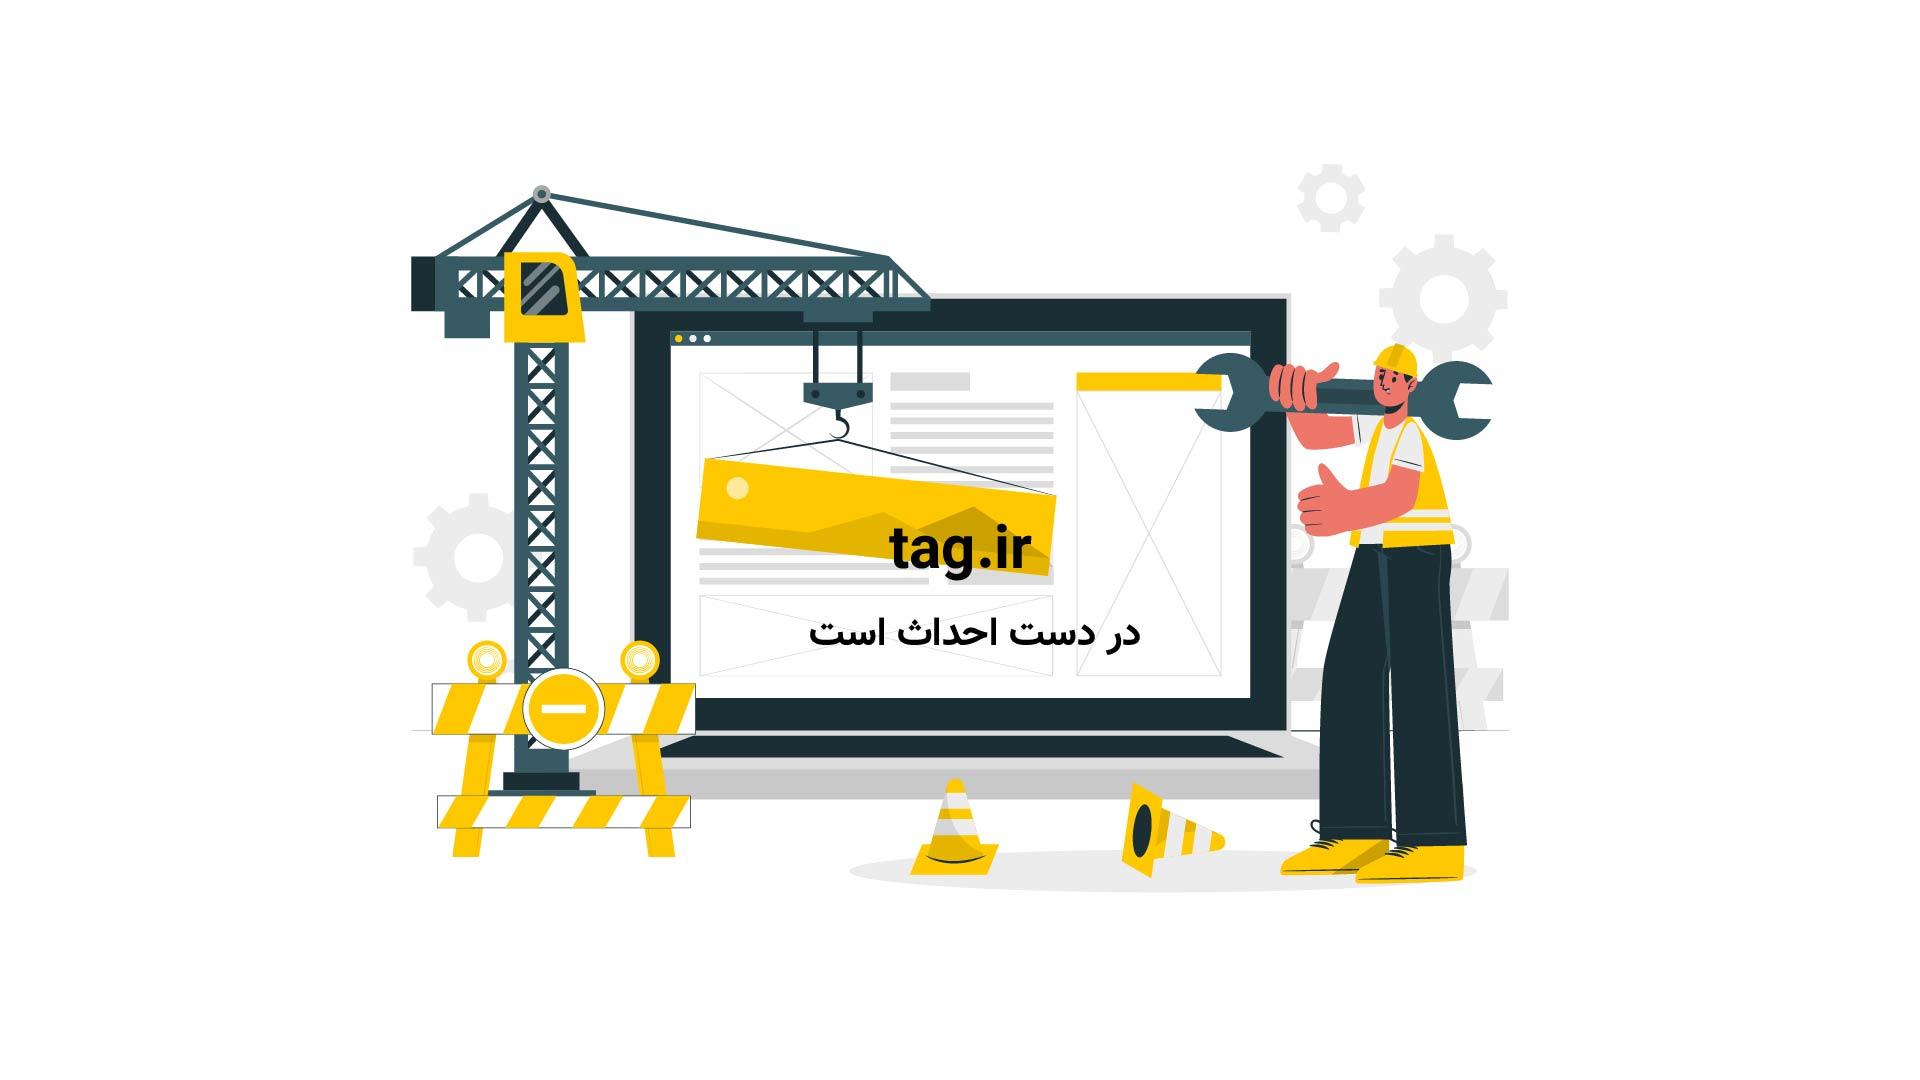 گفتگوی جالب مدیری با محمد علیزاده و داستان عاشقی این خواننده | فیلم